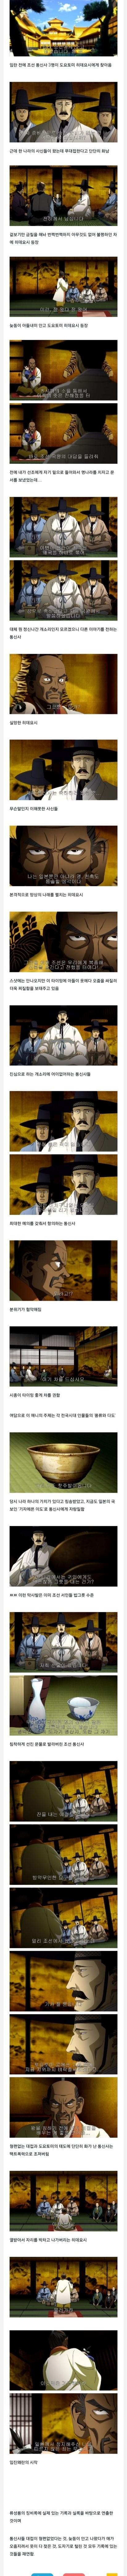 일본 사극에 나오는 조선